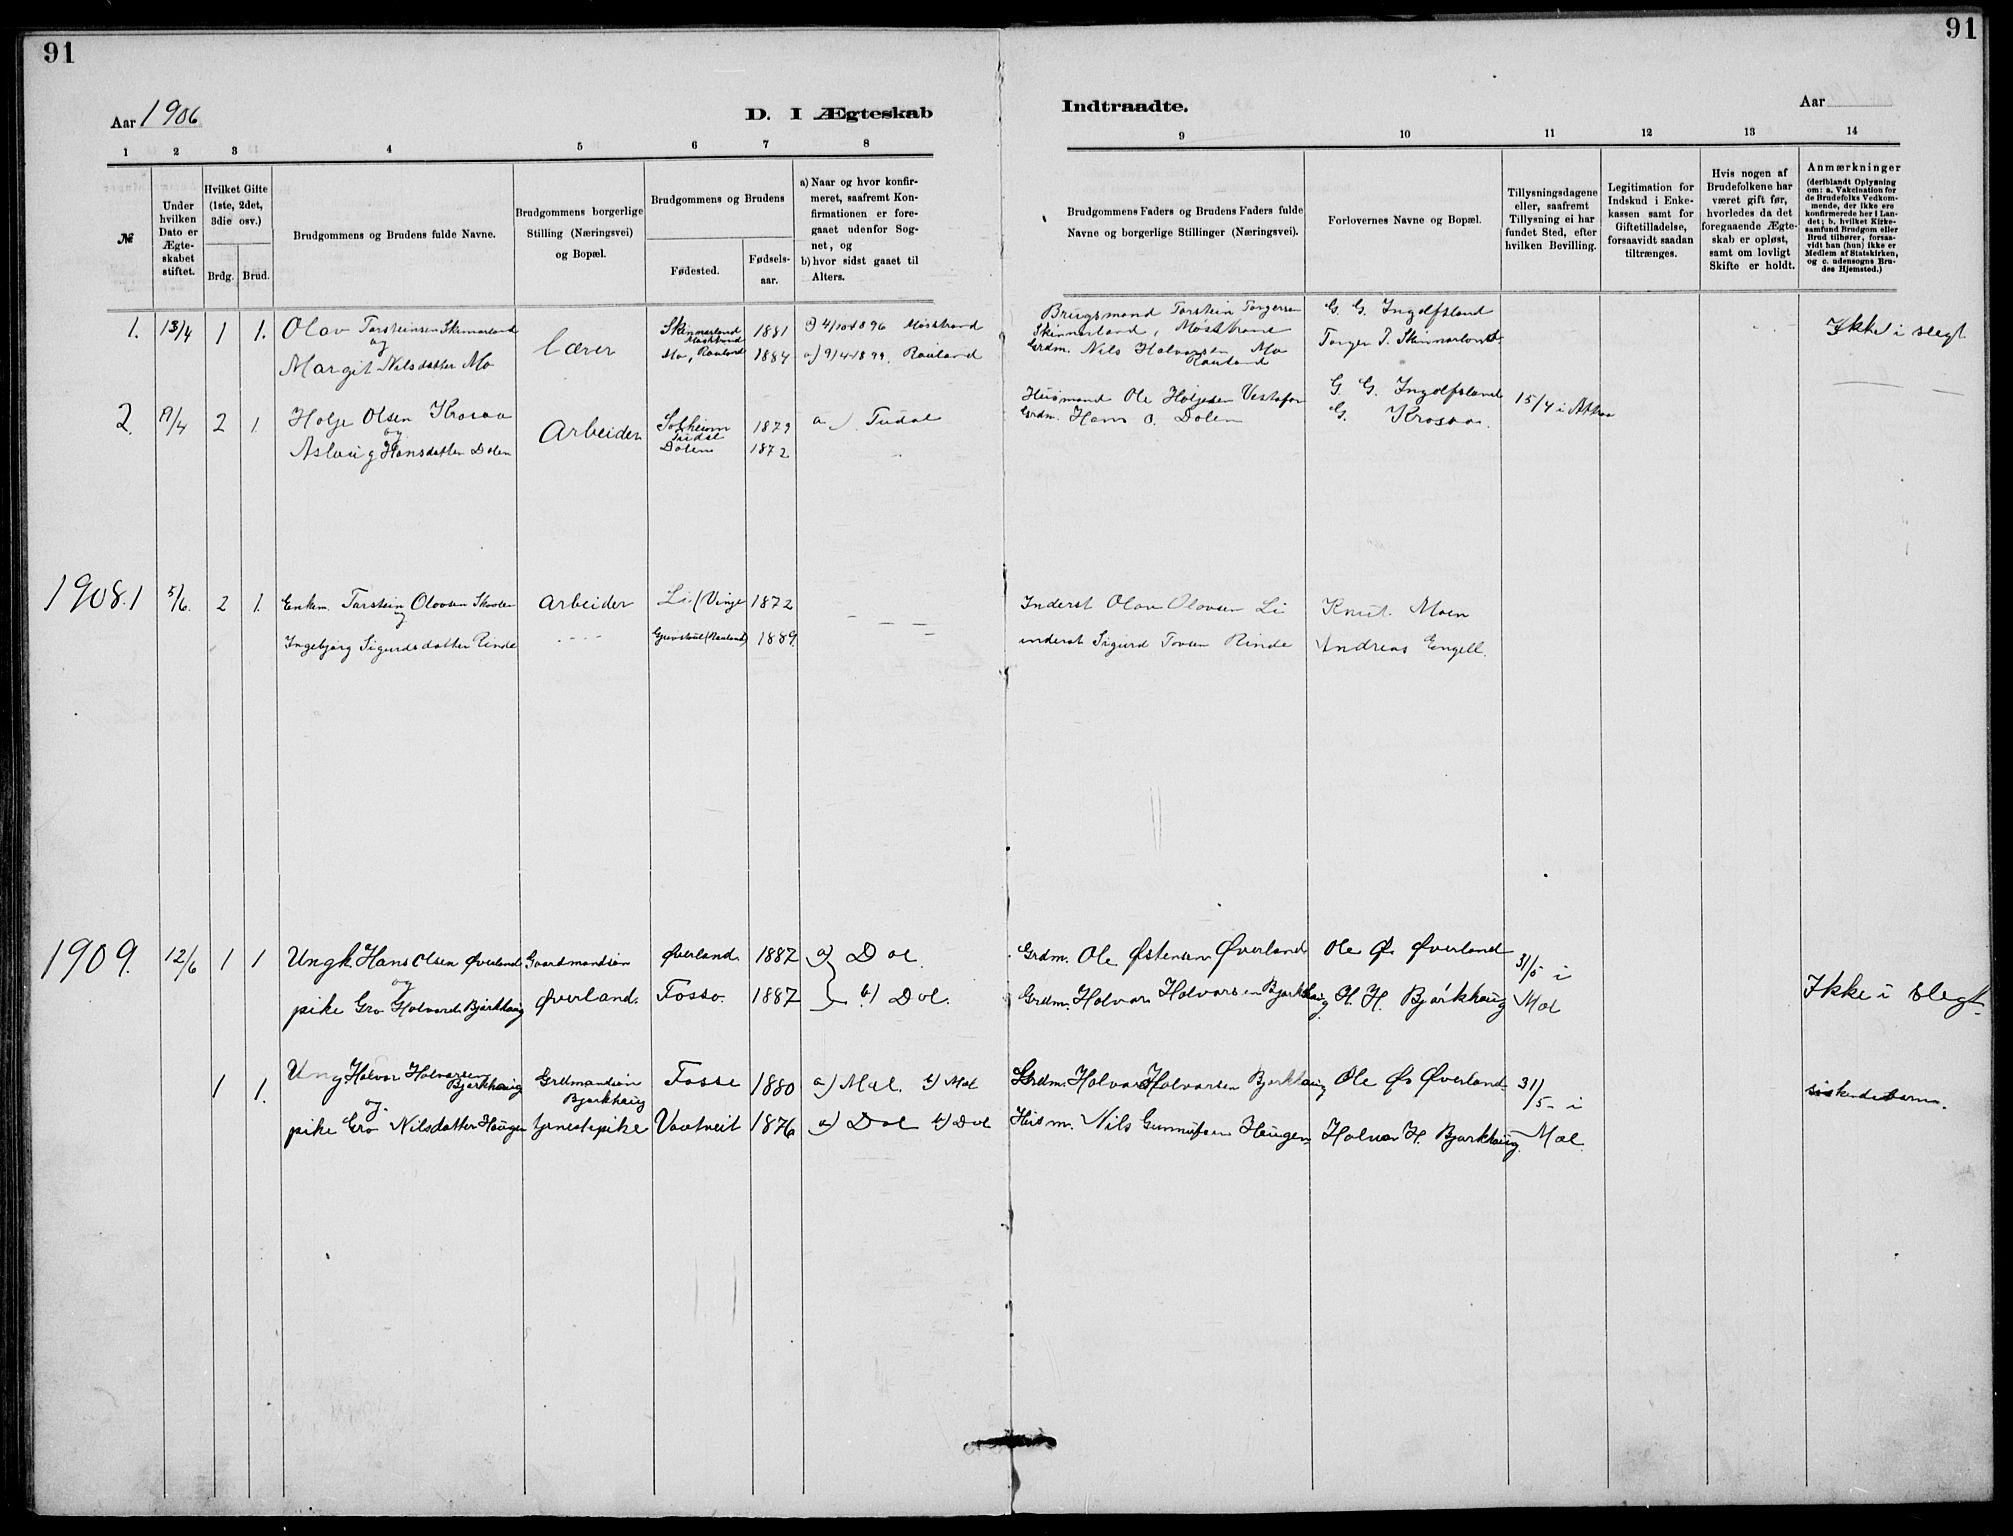 SAKO, Rjukan kirkebøker, G/Ga/L0001: Klokkerbok nr. 1, 1880-1914, s. 91